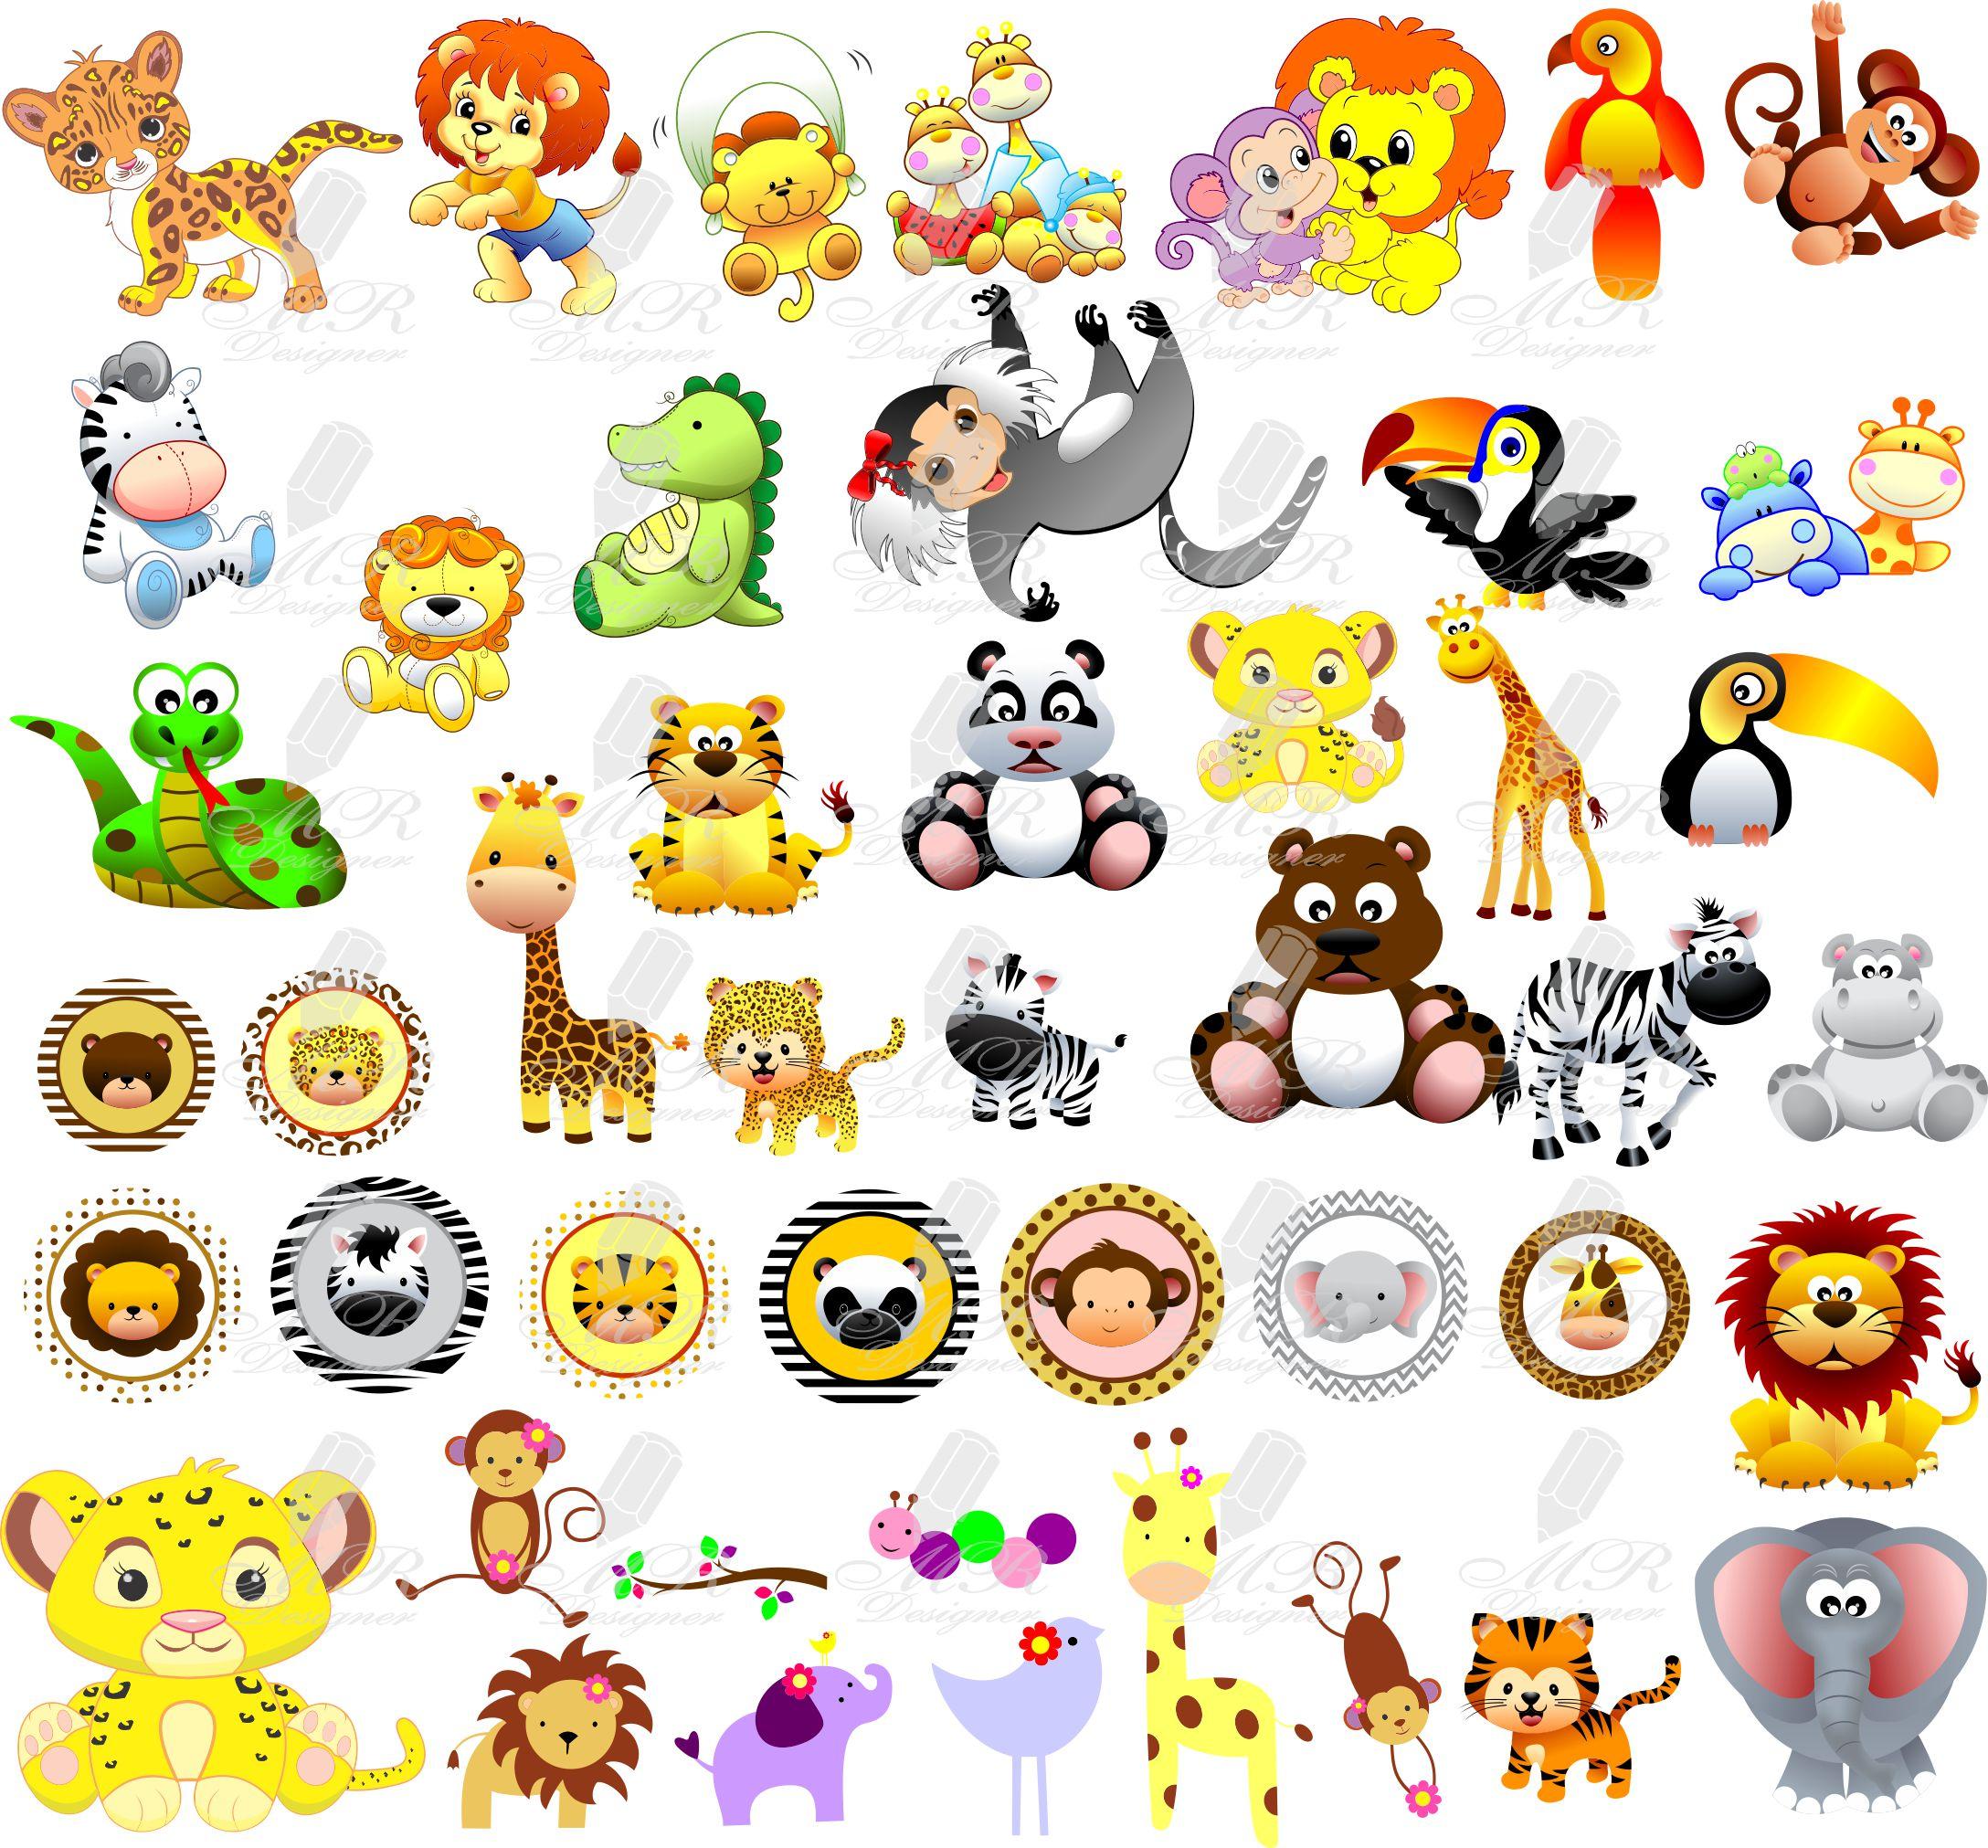 Safari Animais Vetores Imagens Png Corel Fazendinha No Elo7 Mr